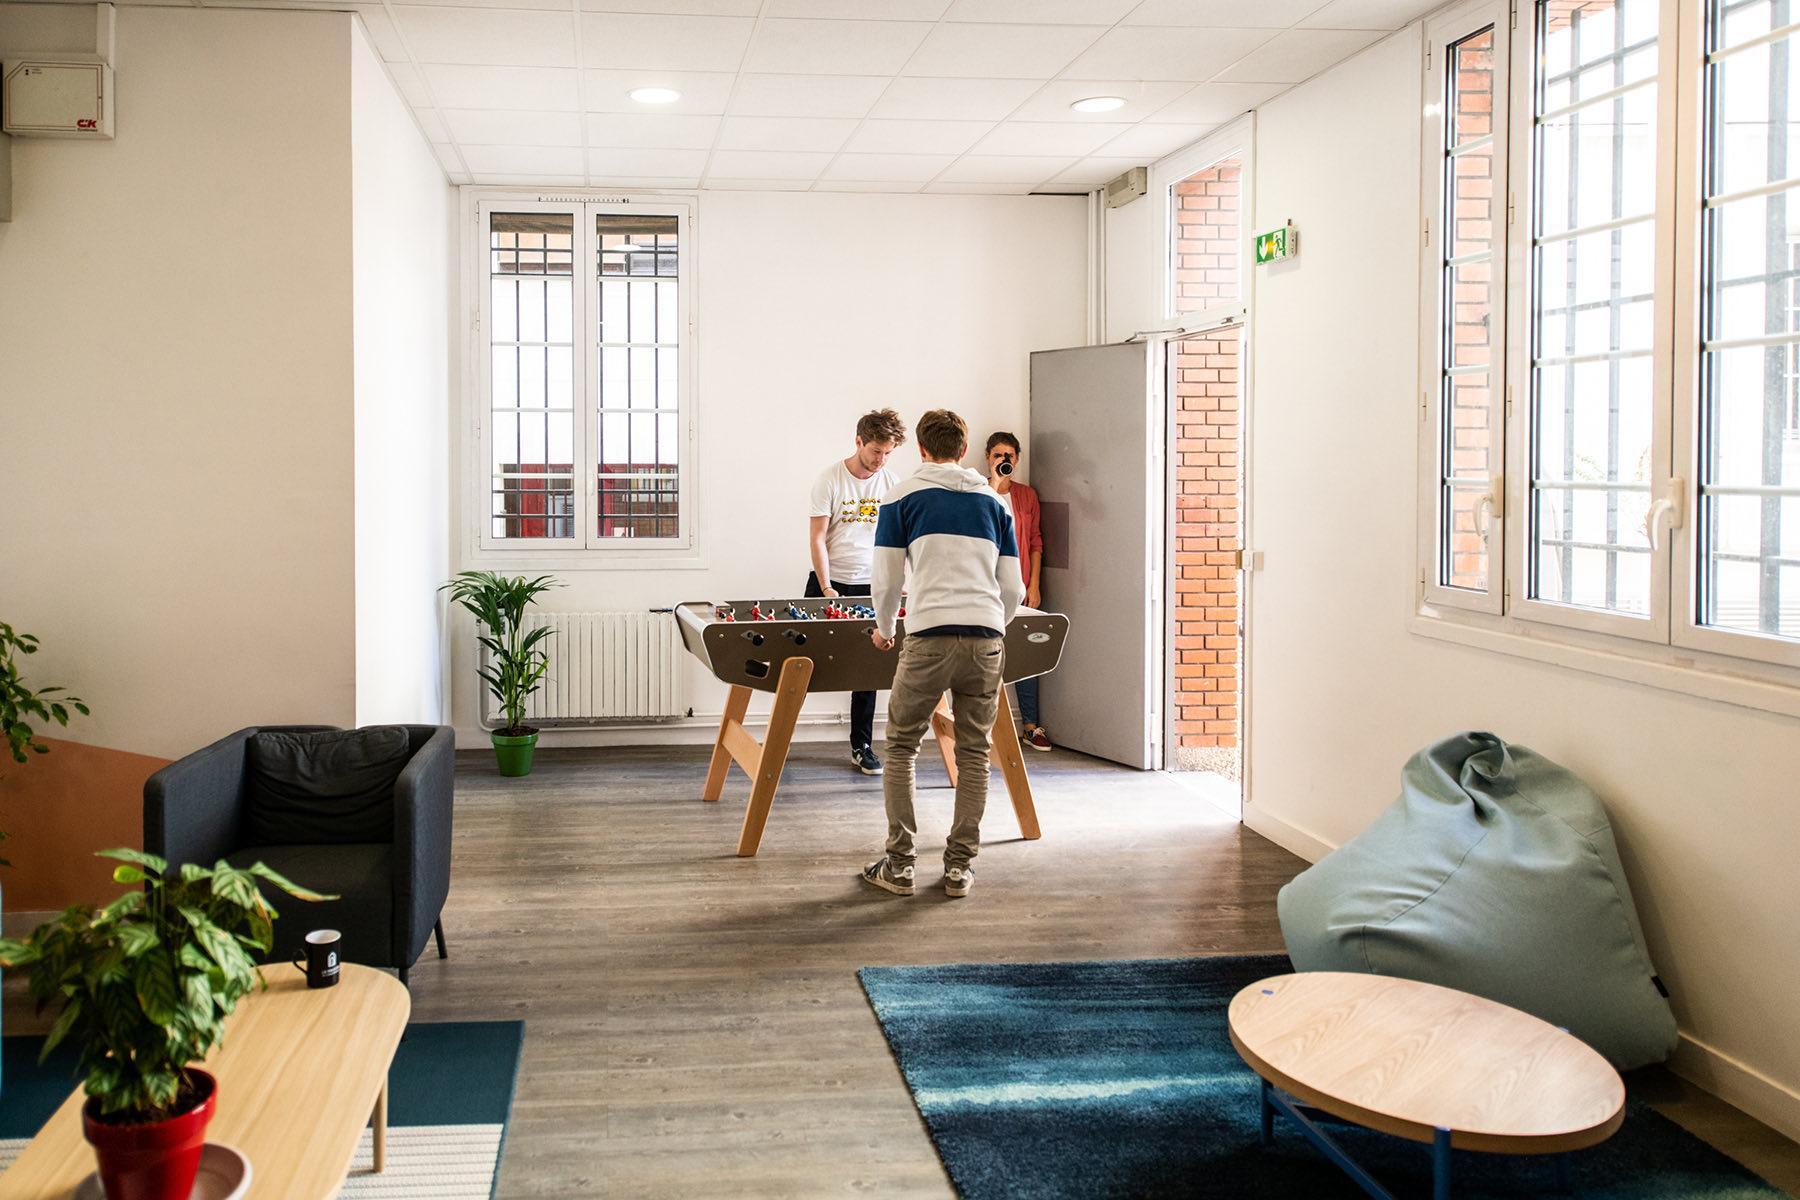 la-maison-coworking-space15